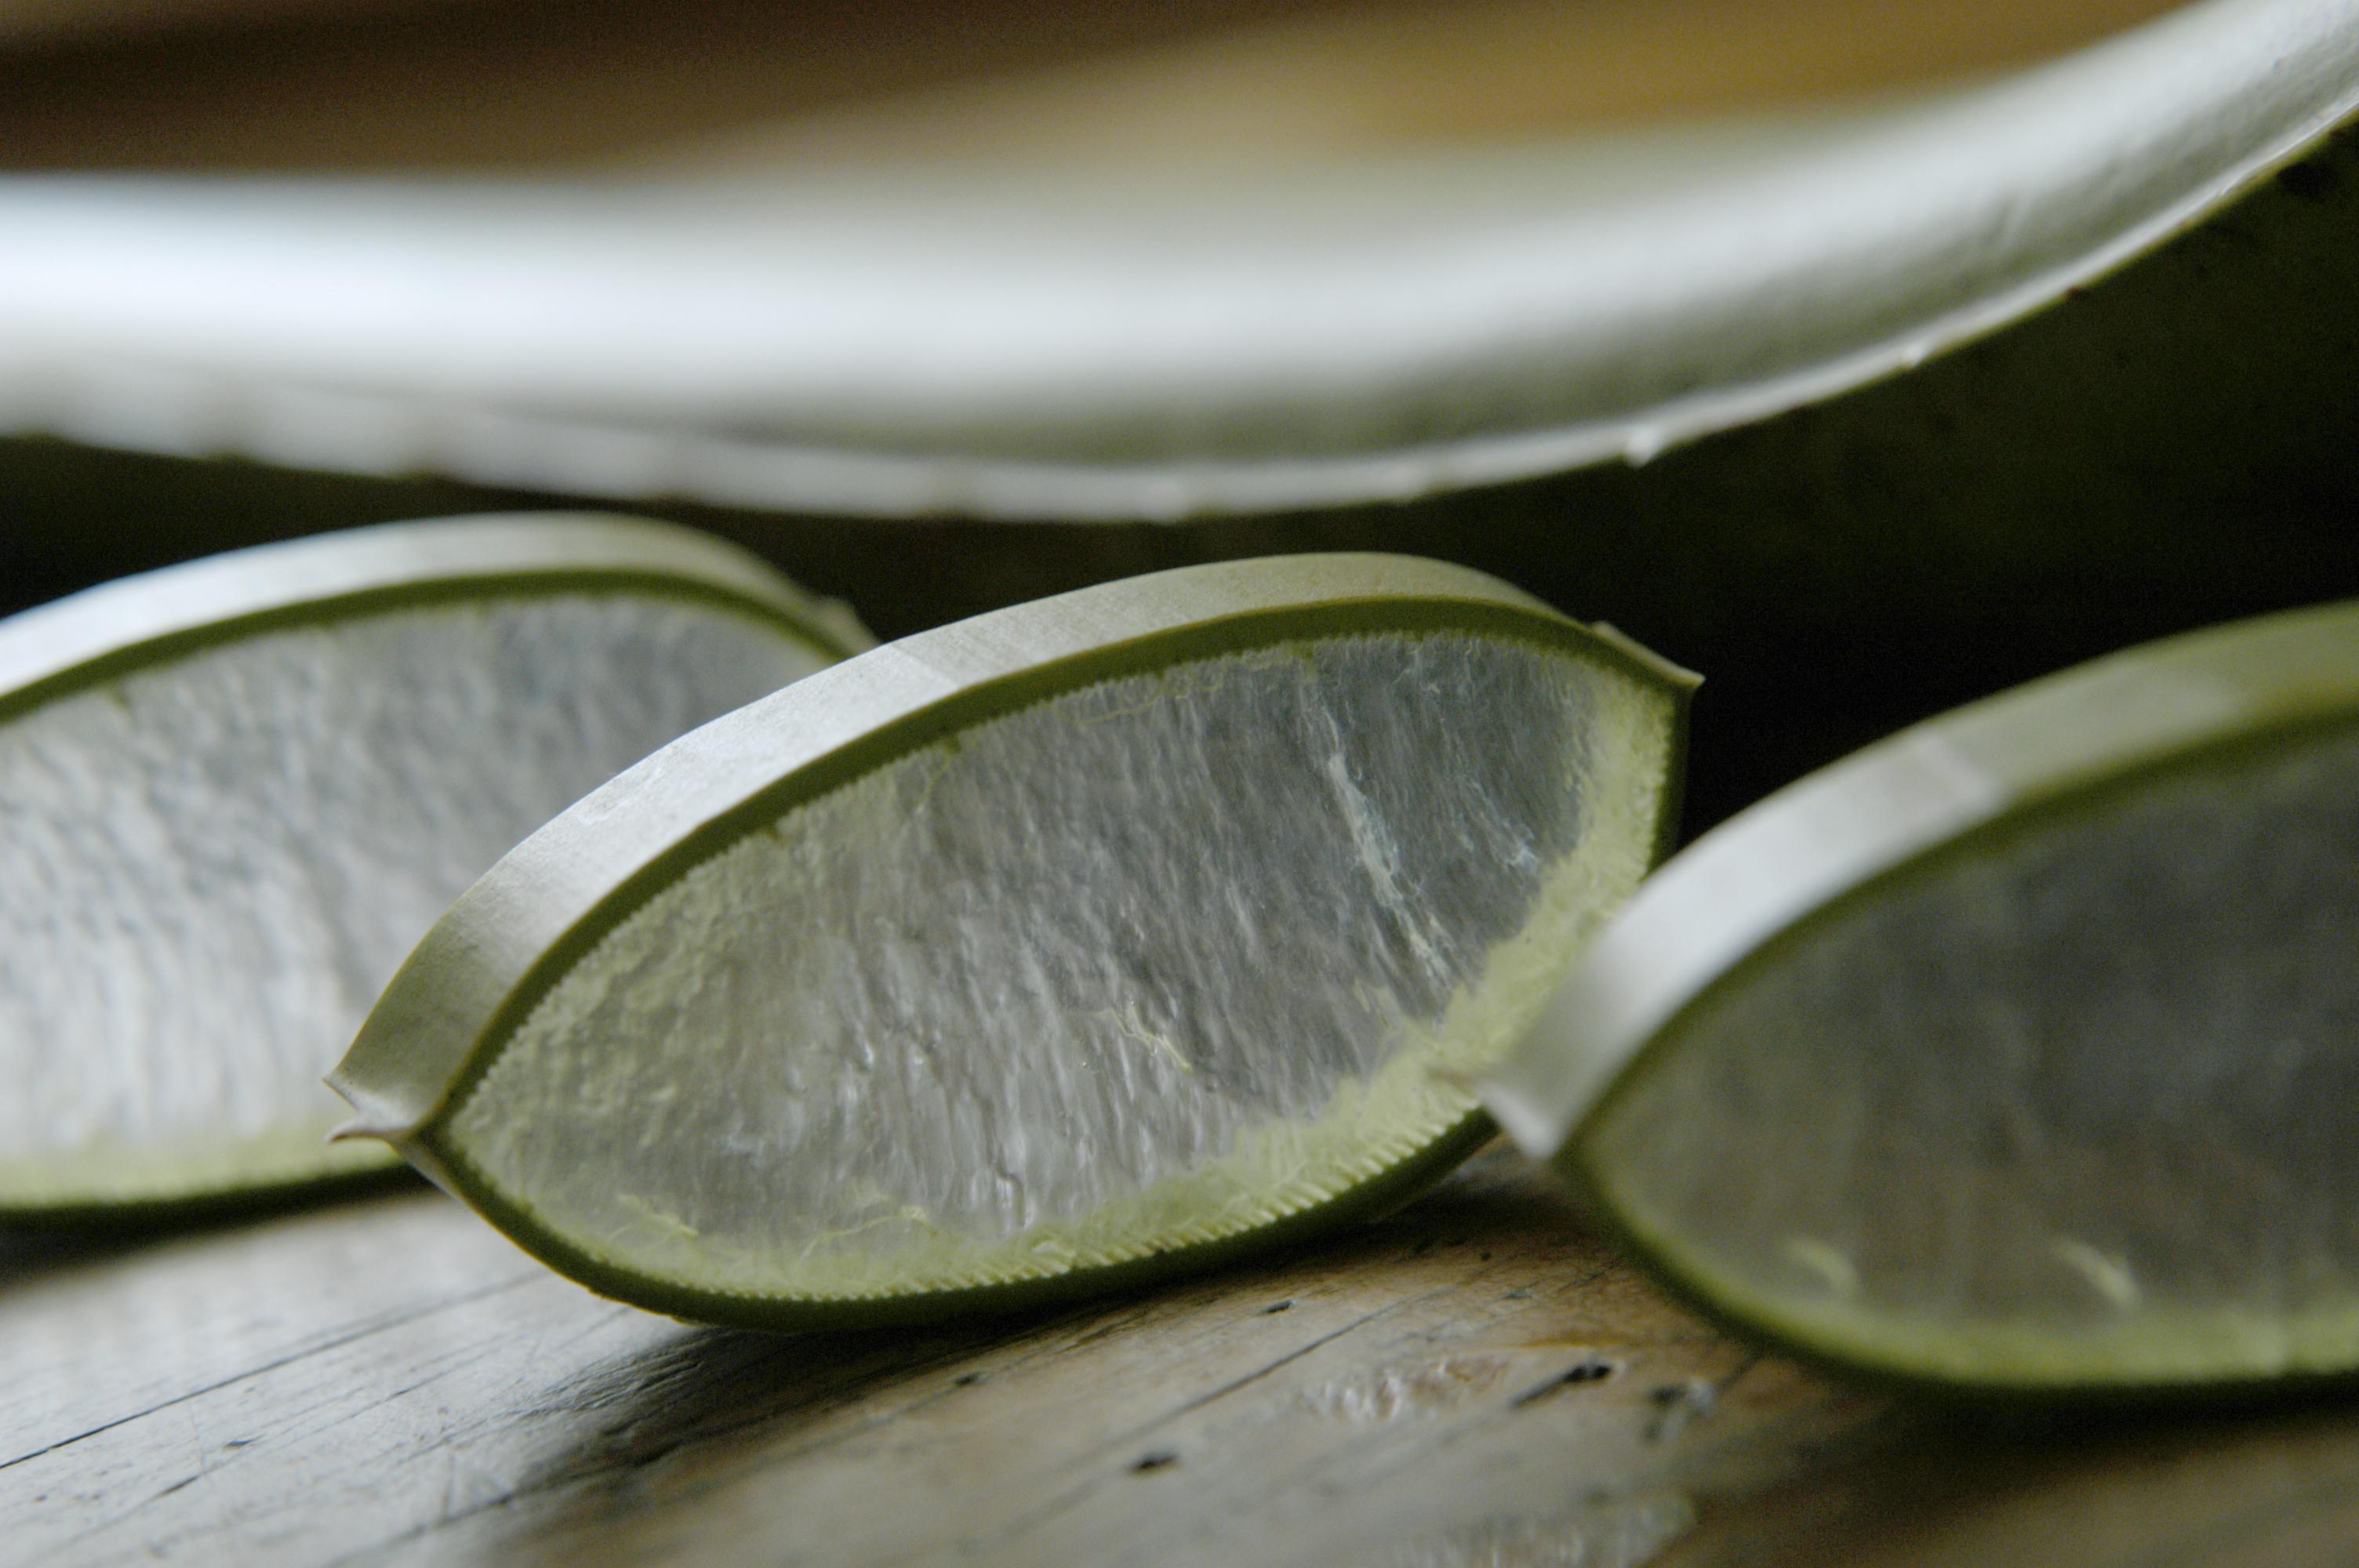 Drei Aloe Vera Scheiben vor Aloe Vera Blatt auf Holztisch